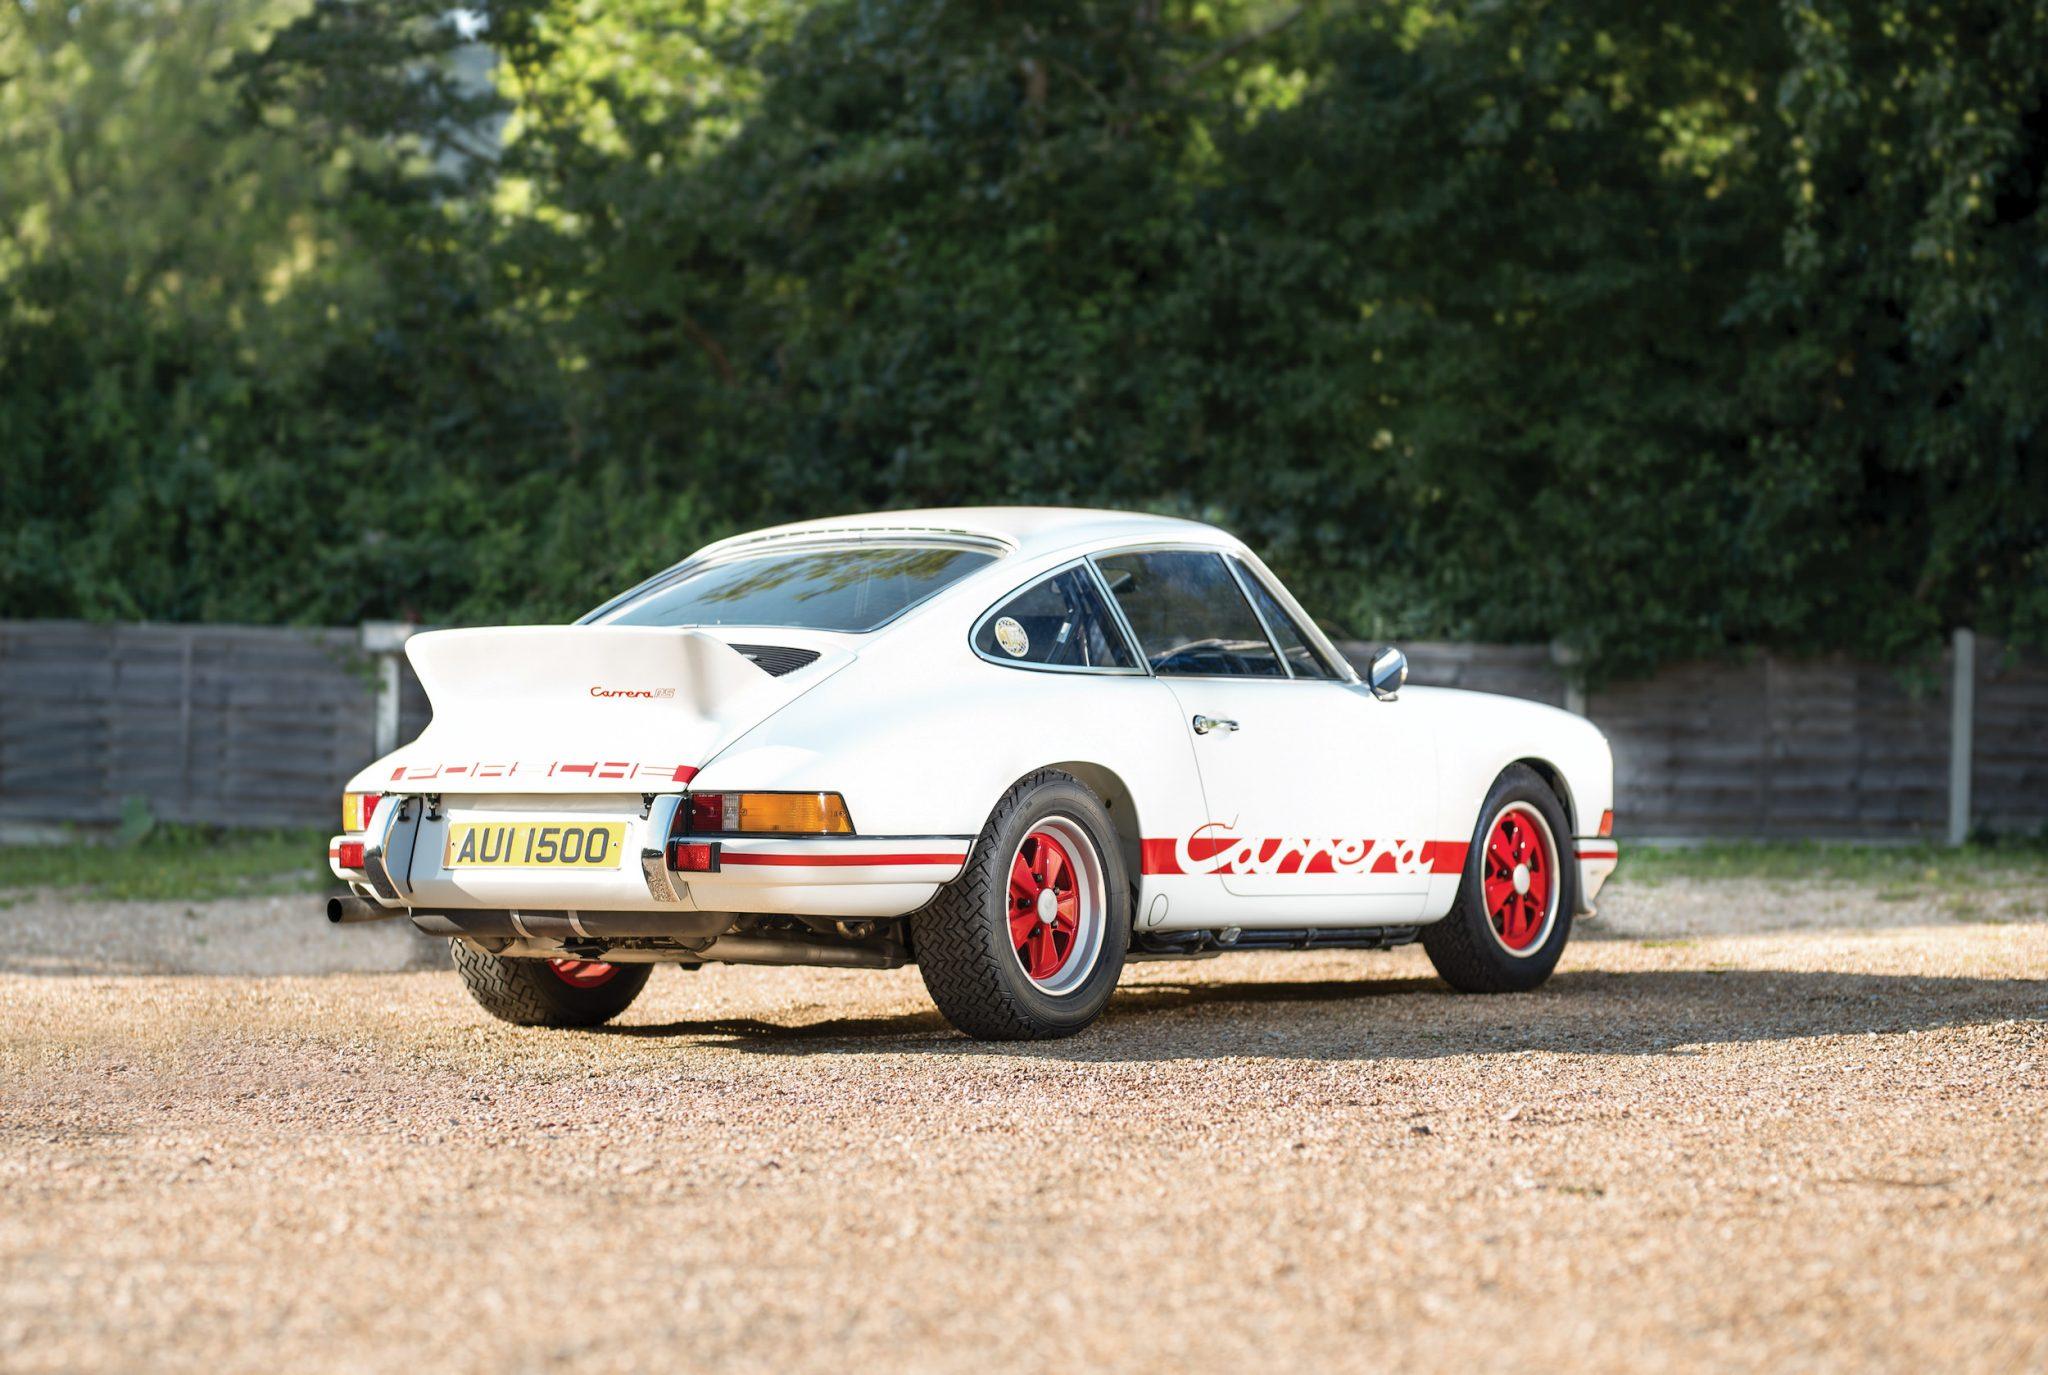 1973 Porsche 911 Carrera Rs 2 7 Lightweight